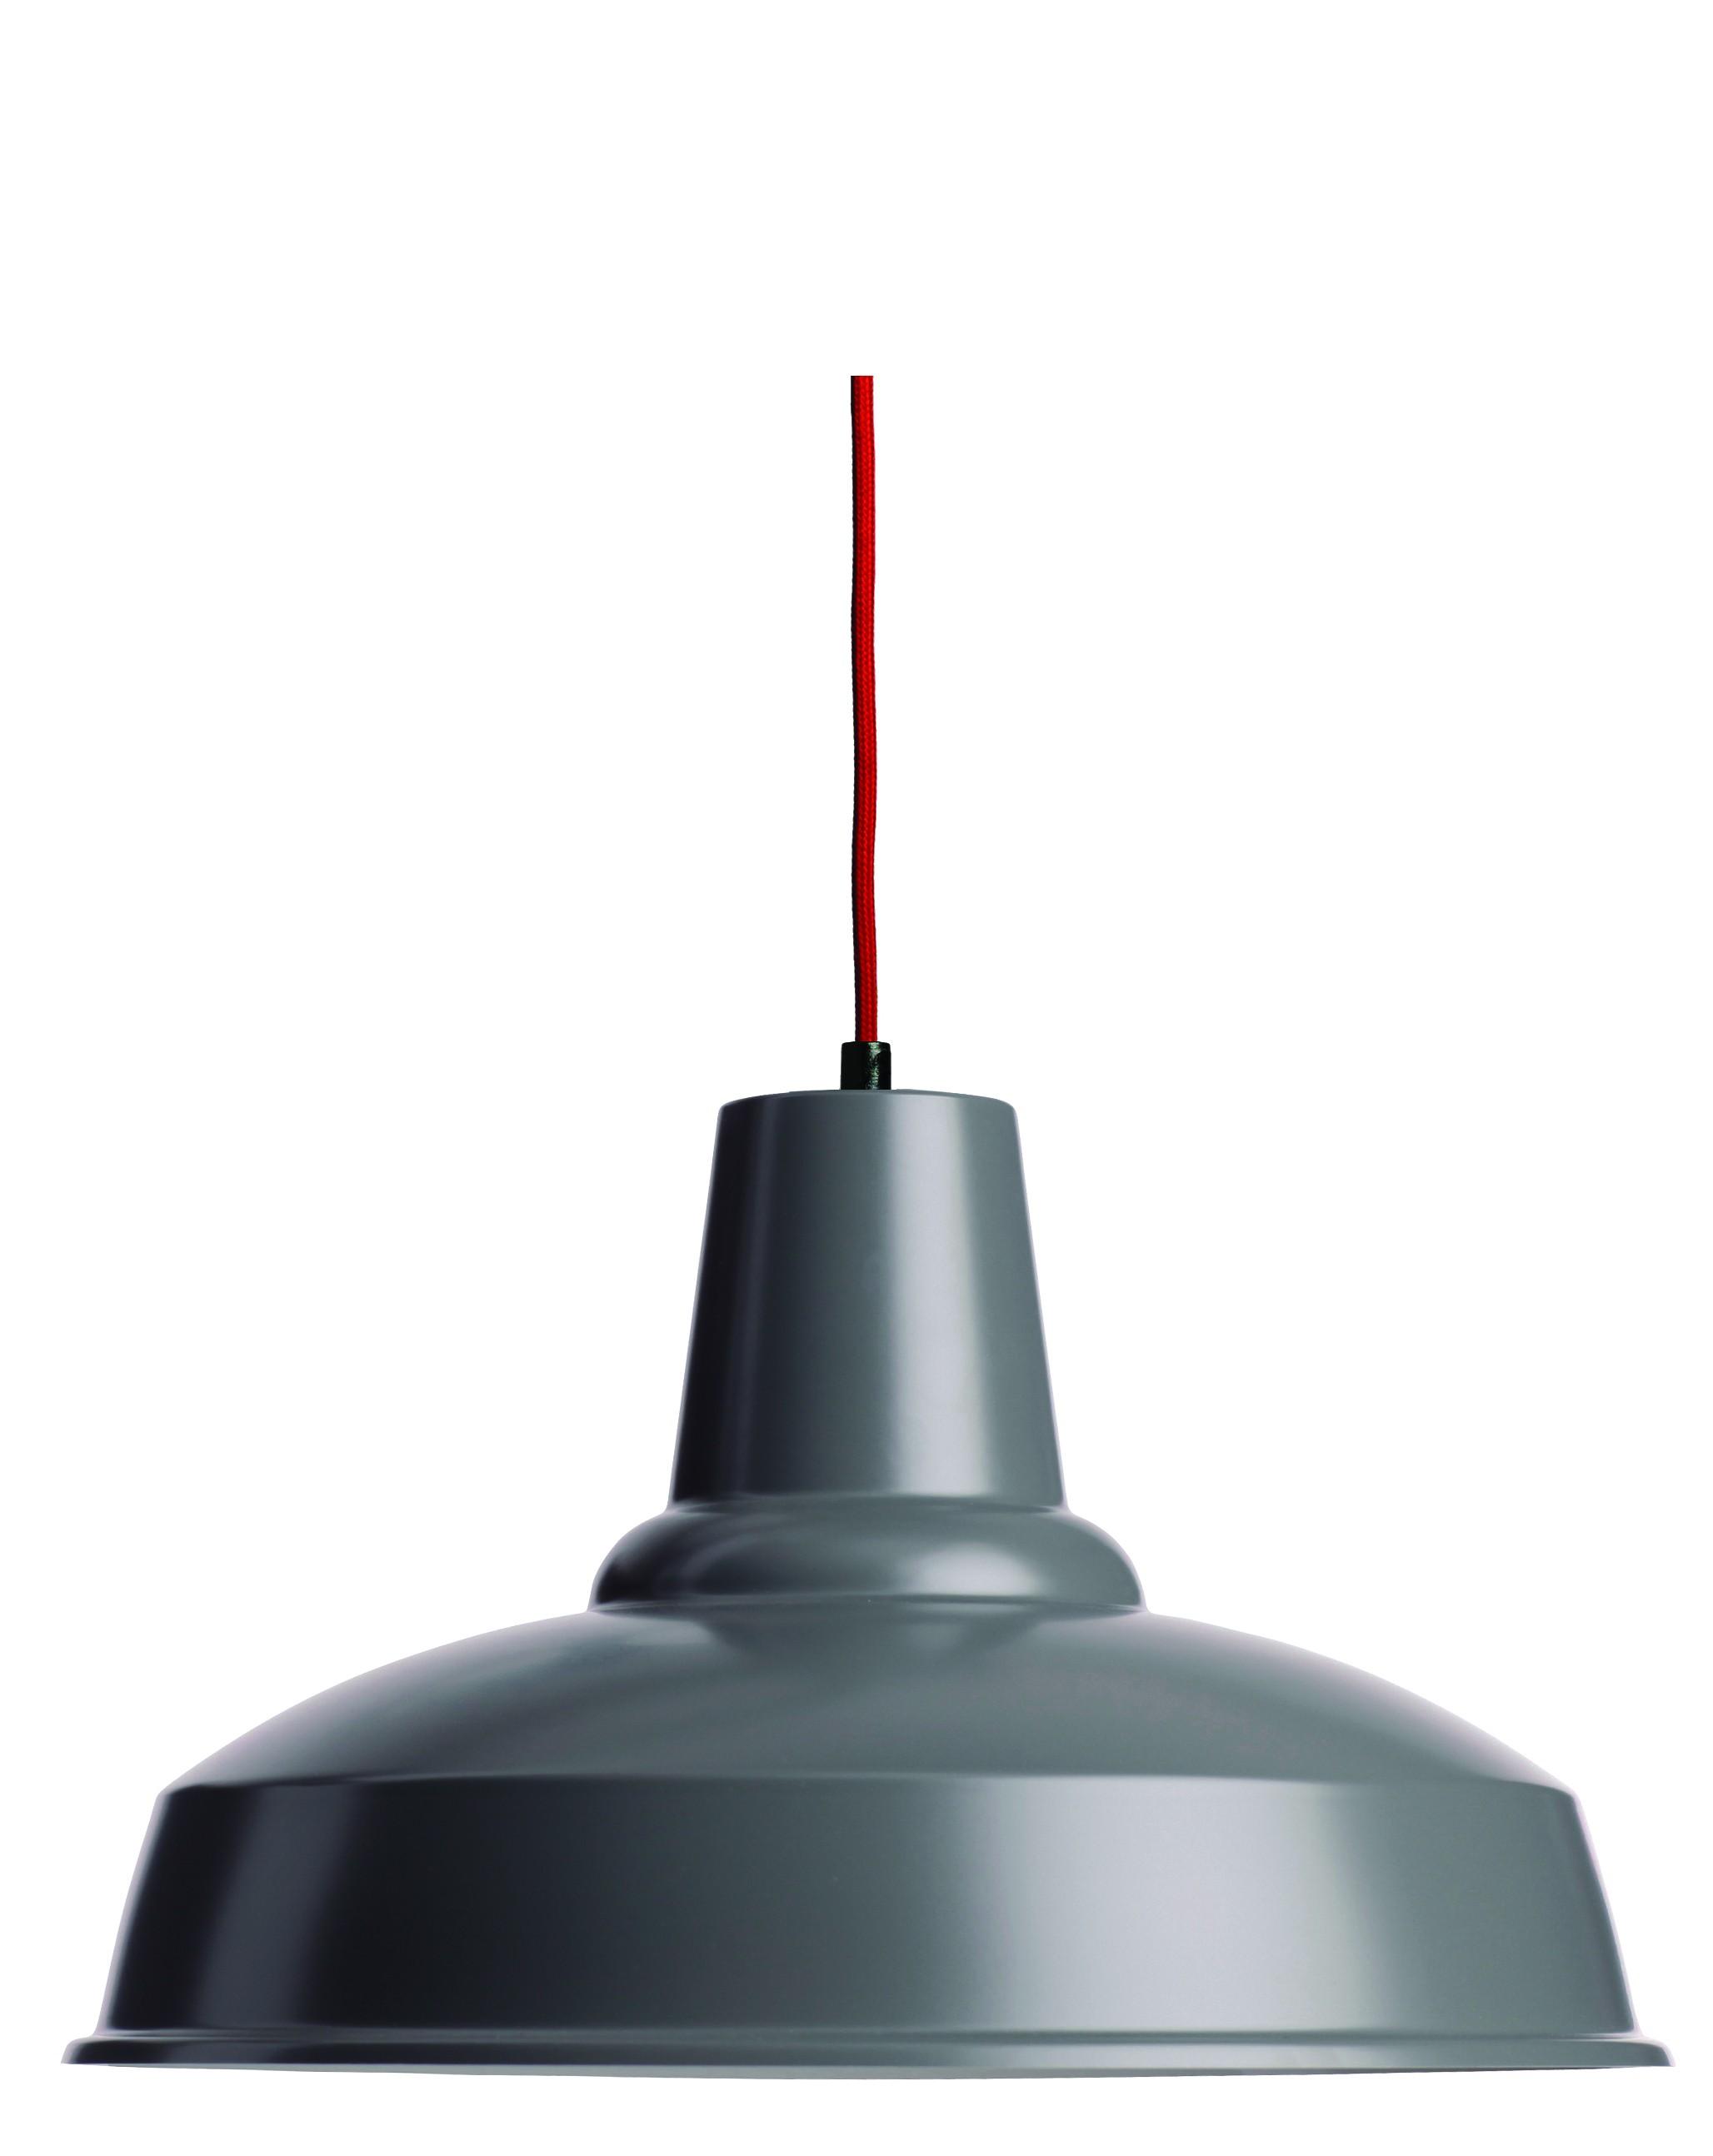 Luminaires eleanor home suspension pandulera - Suspension grand diametre ...